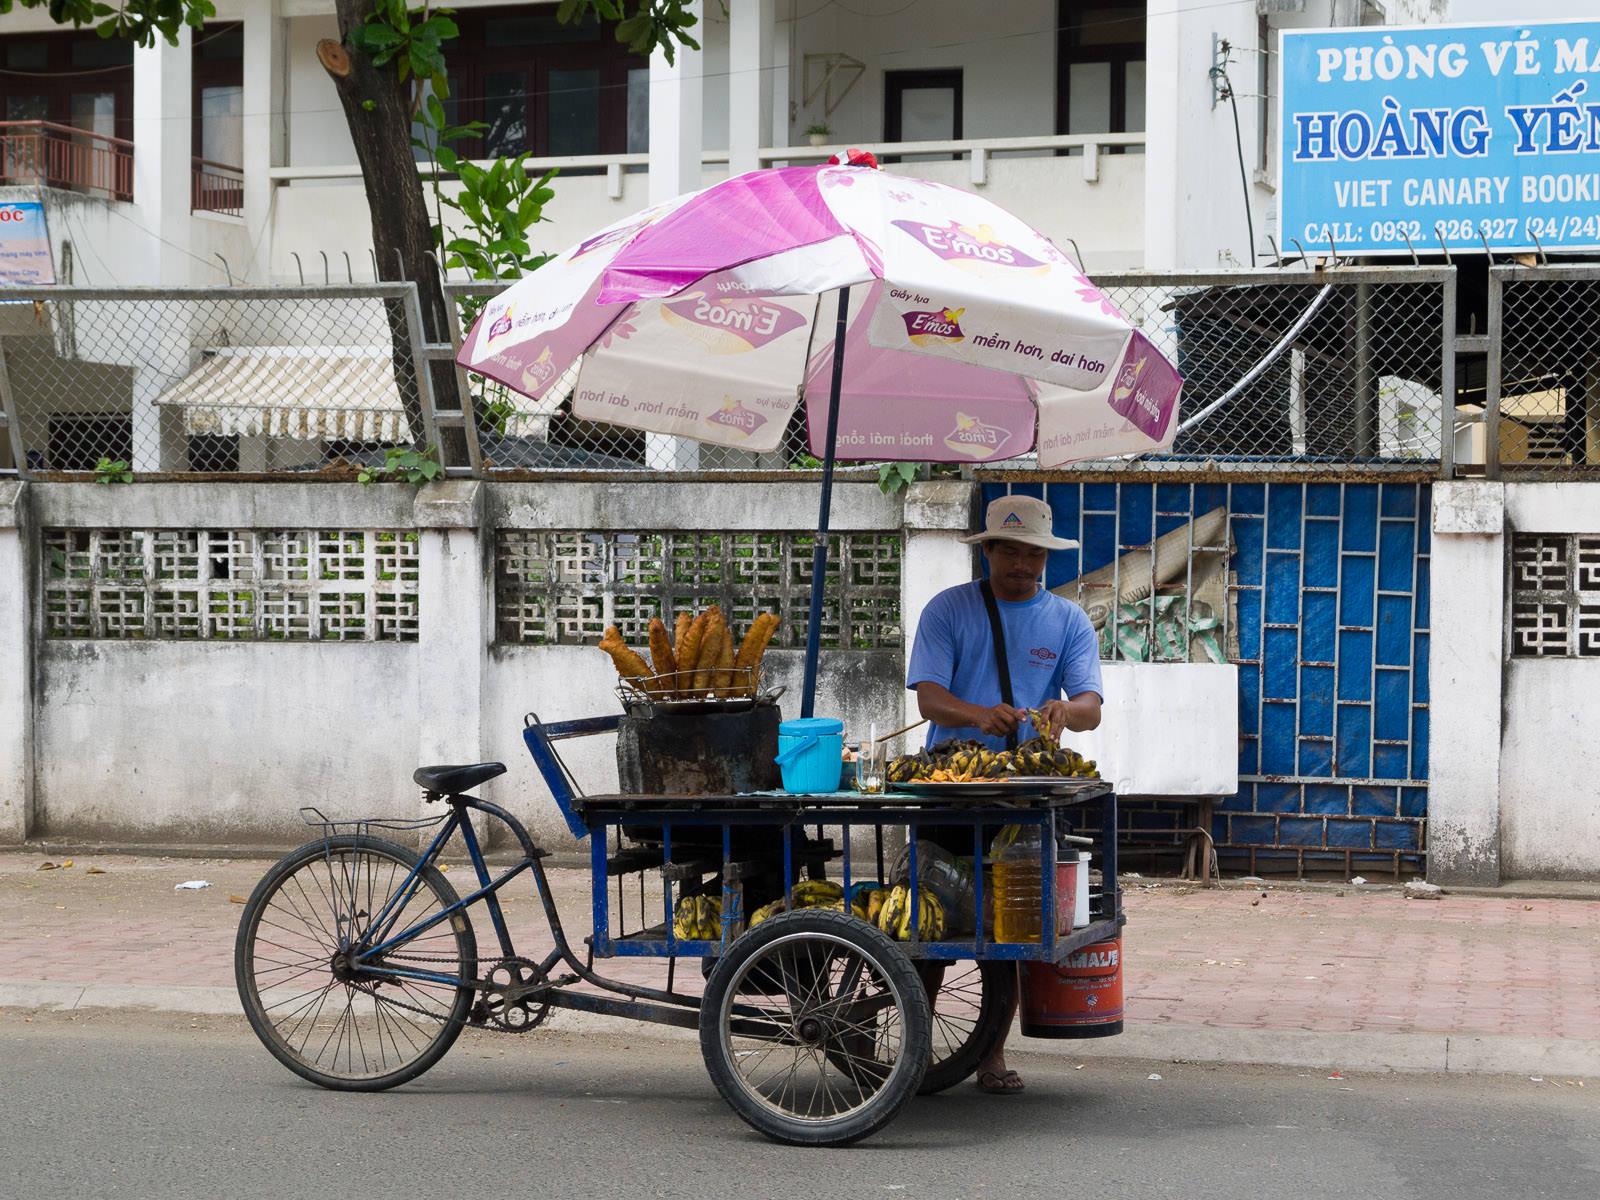 Banana fritter seller